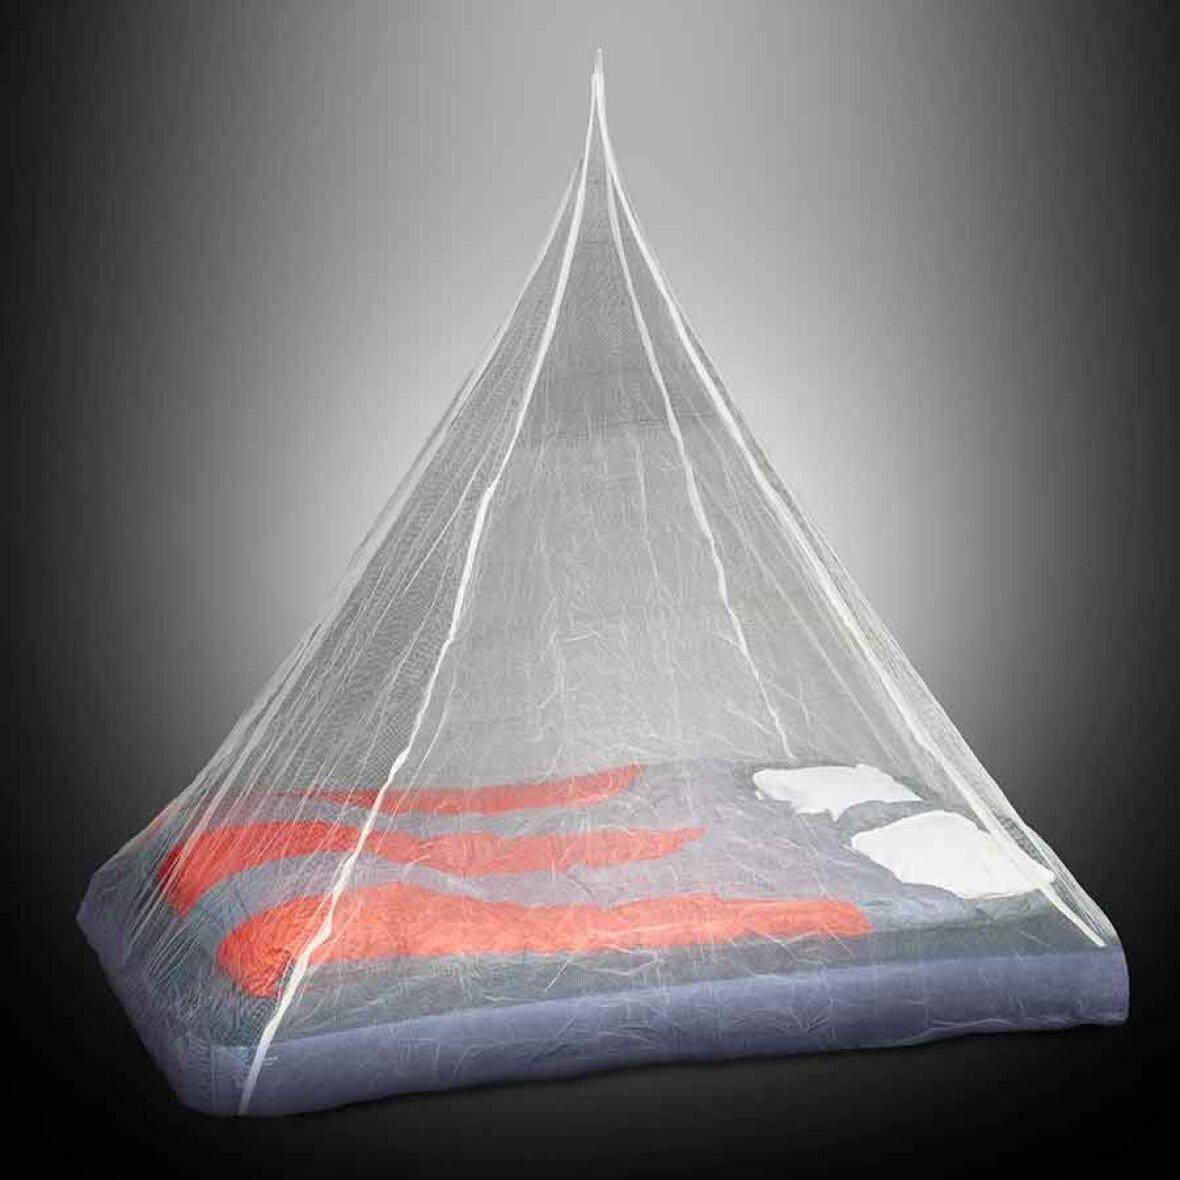 myggenet til dobbeltseng Imprægneret myggetil dobbeltseng   Pyramide myggenet myggenet til dobbeltseng